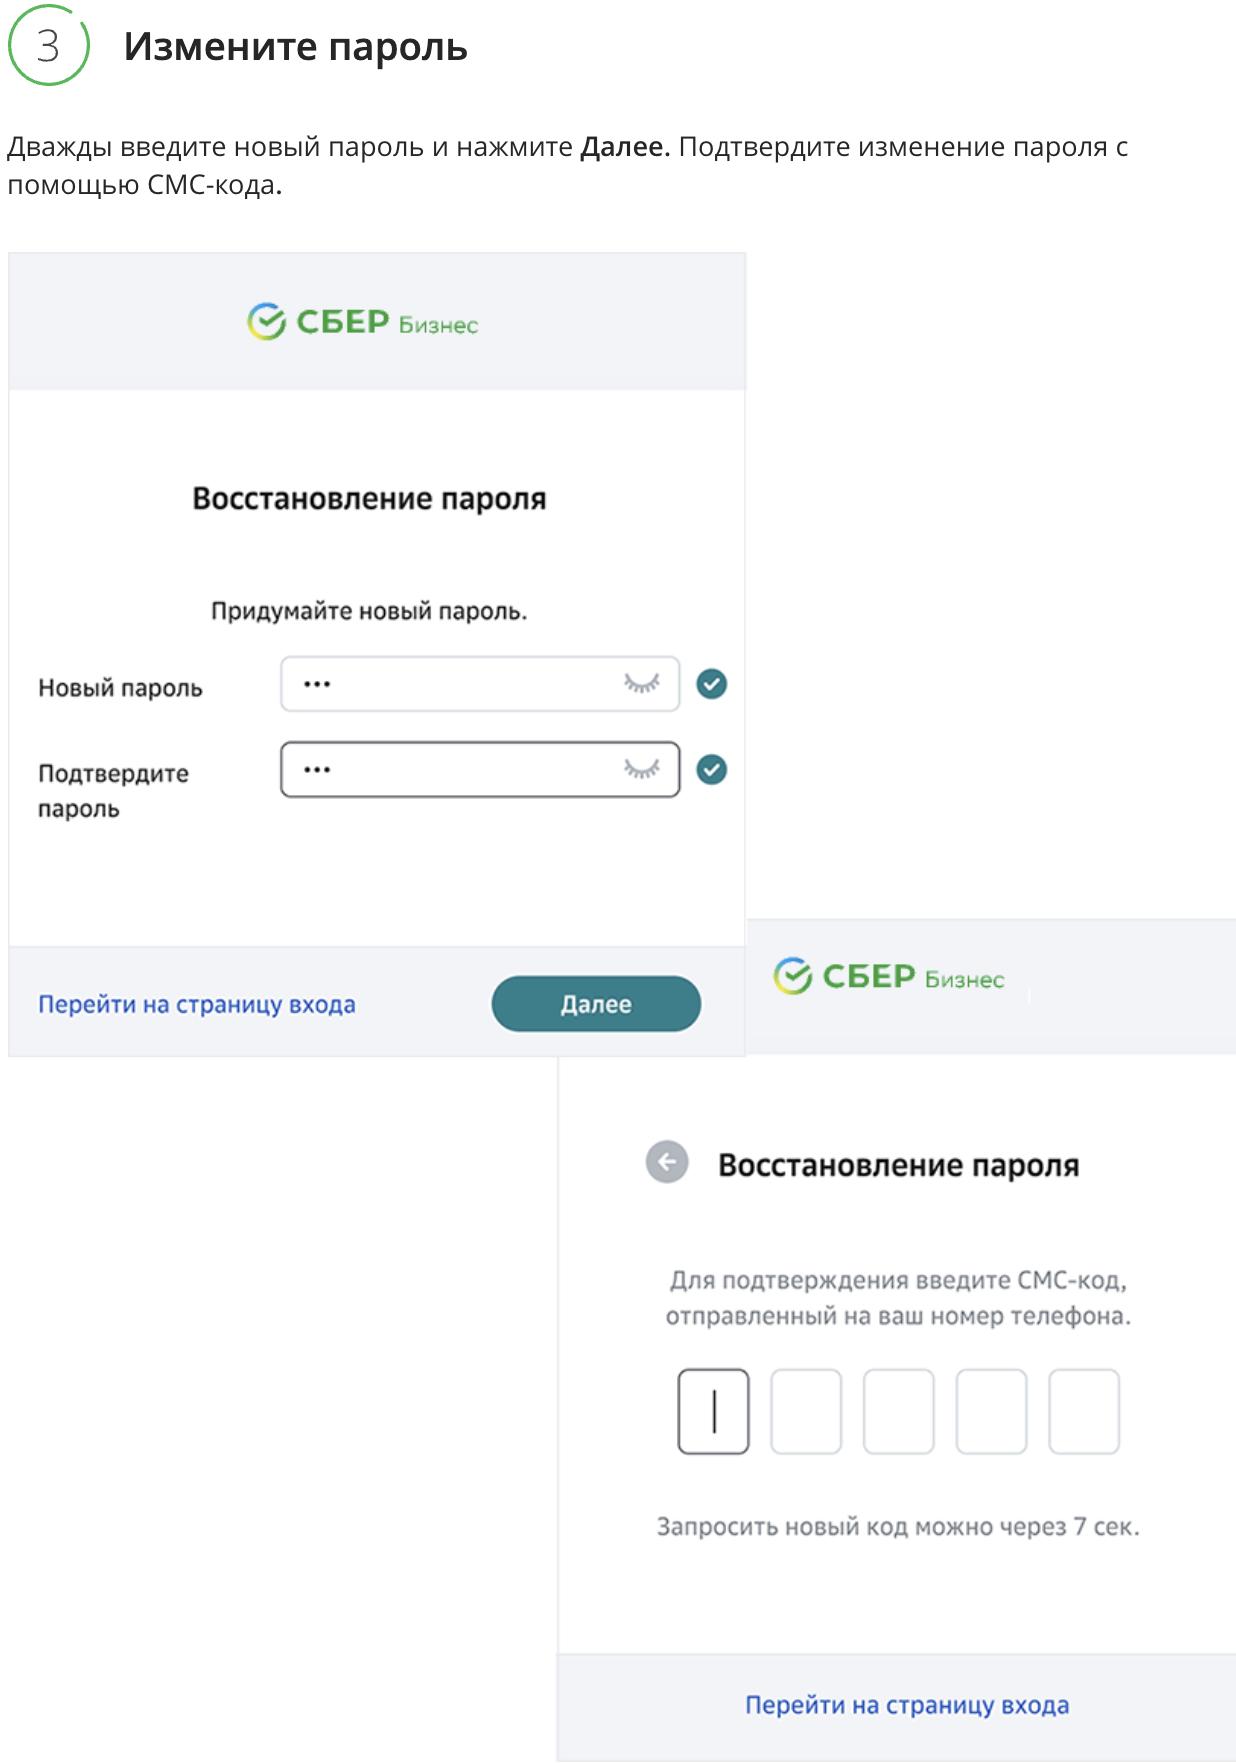 как восстановить , изменить пароль в сбербанк бизнес онлайн